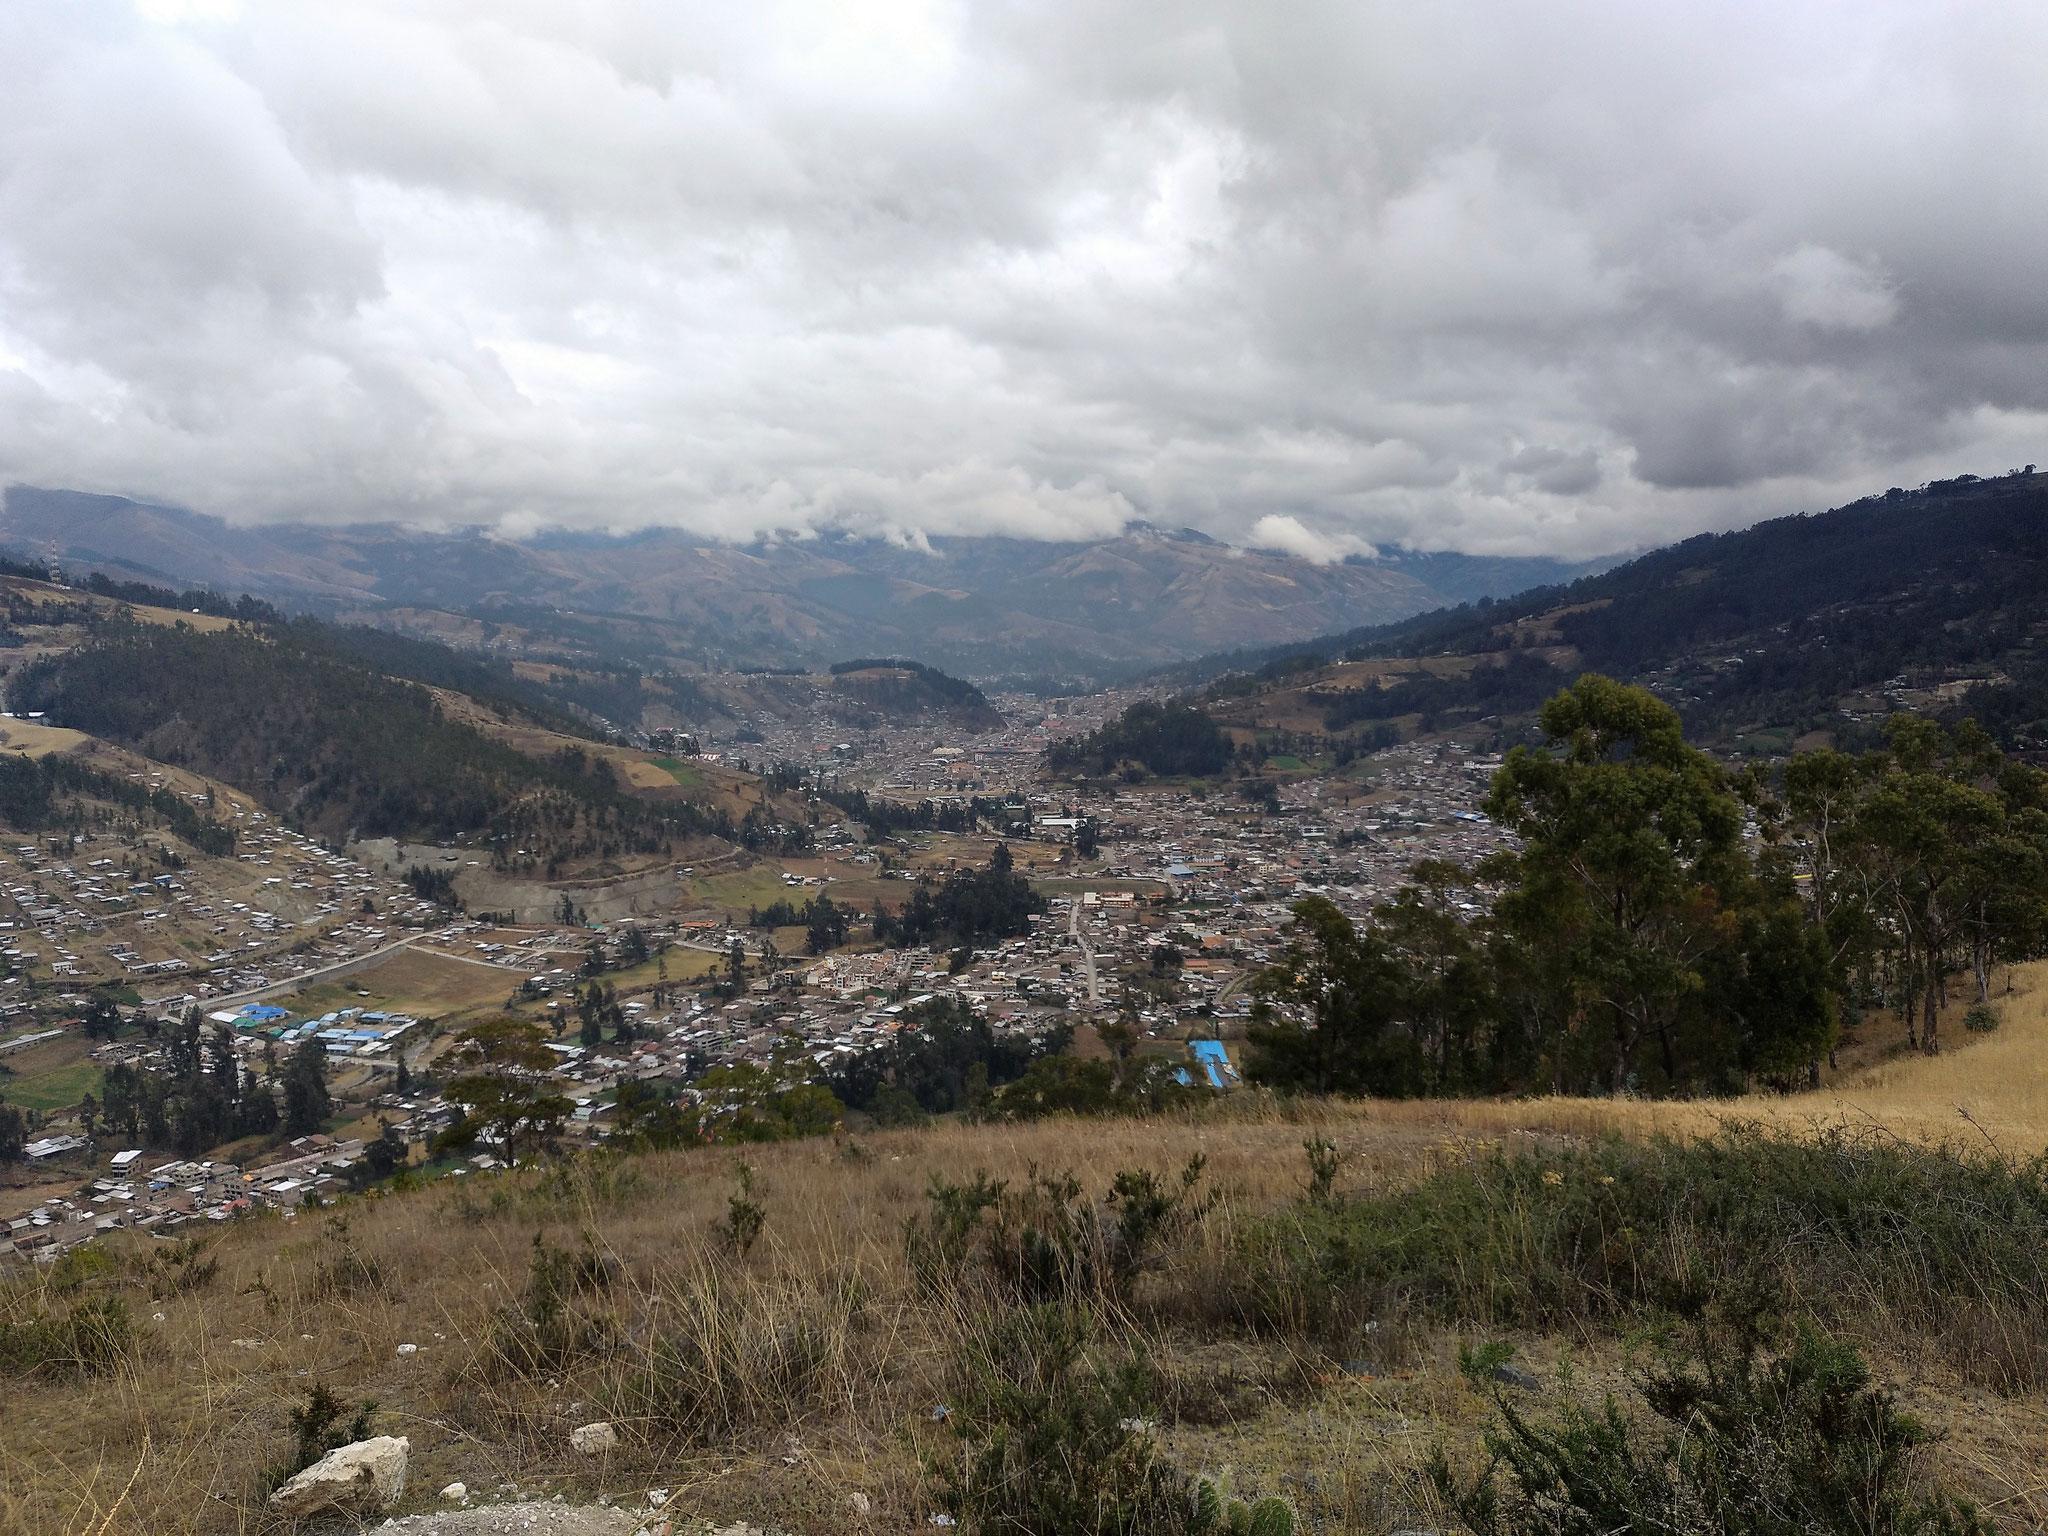 Die Antenne soll unter anderem Andahuaylas und die Umgebung erreichen.